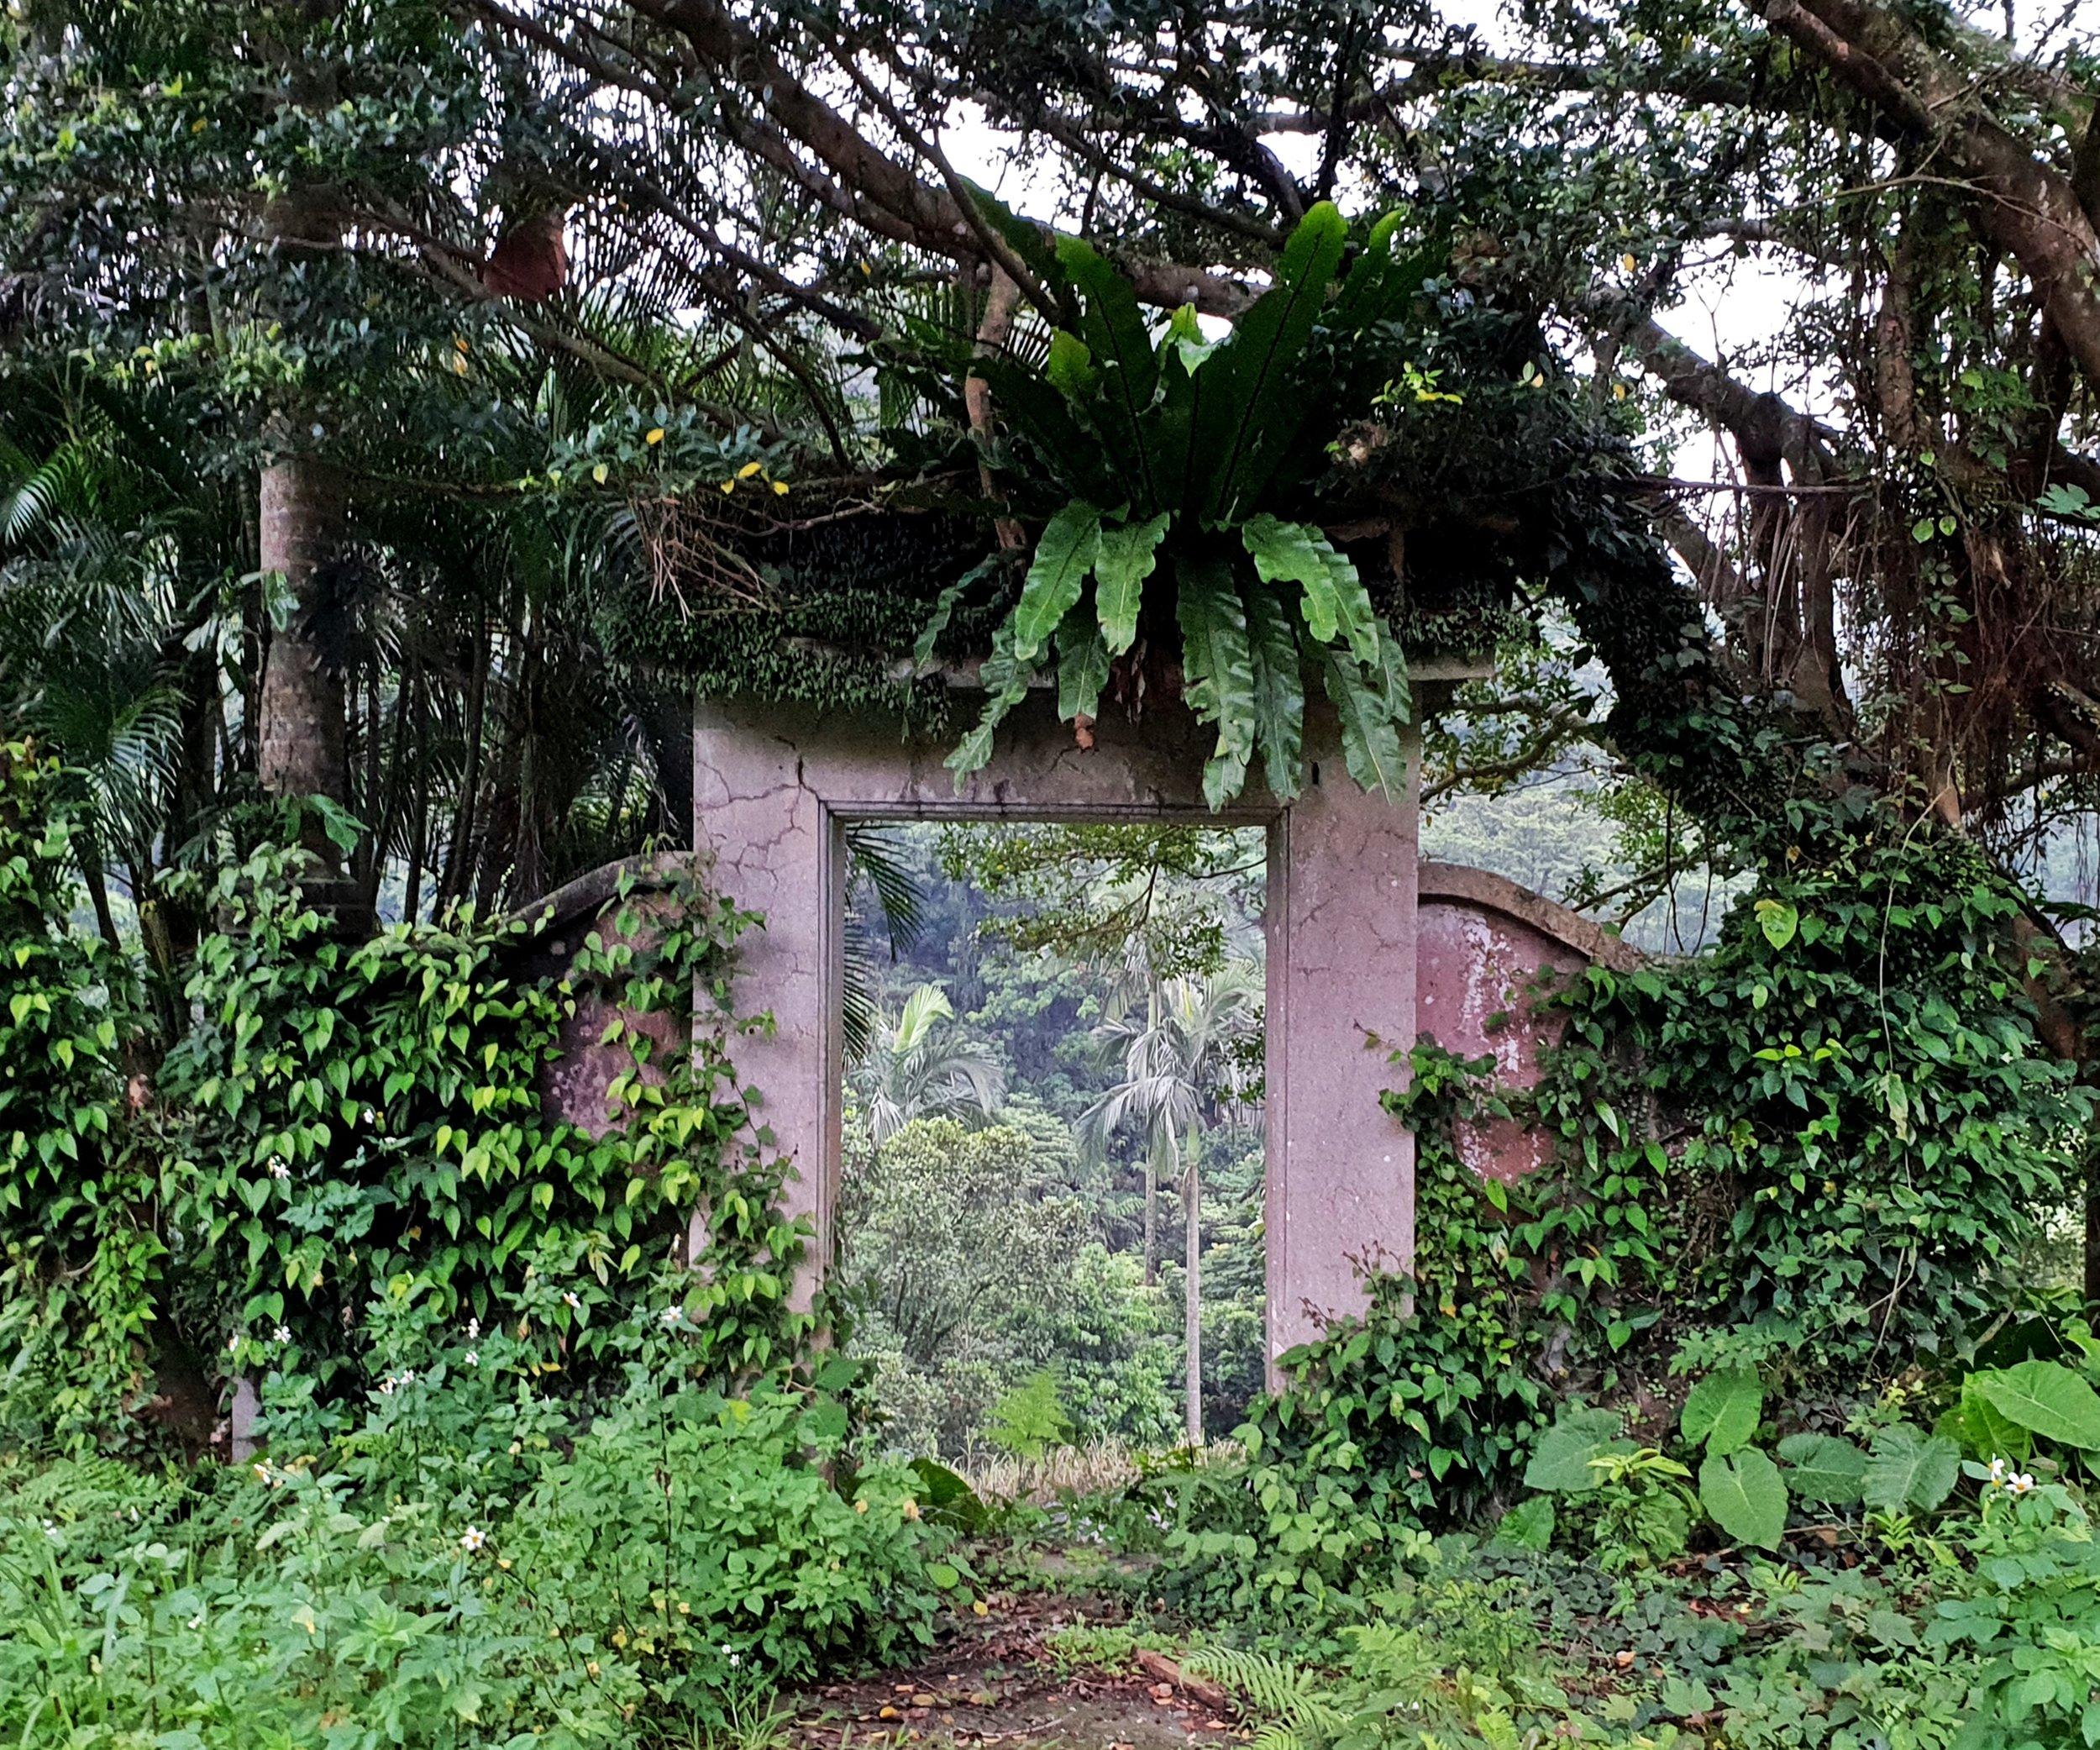 Entrance gate adorned with birds nest ferns